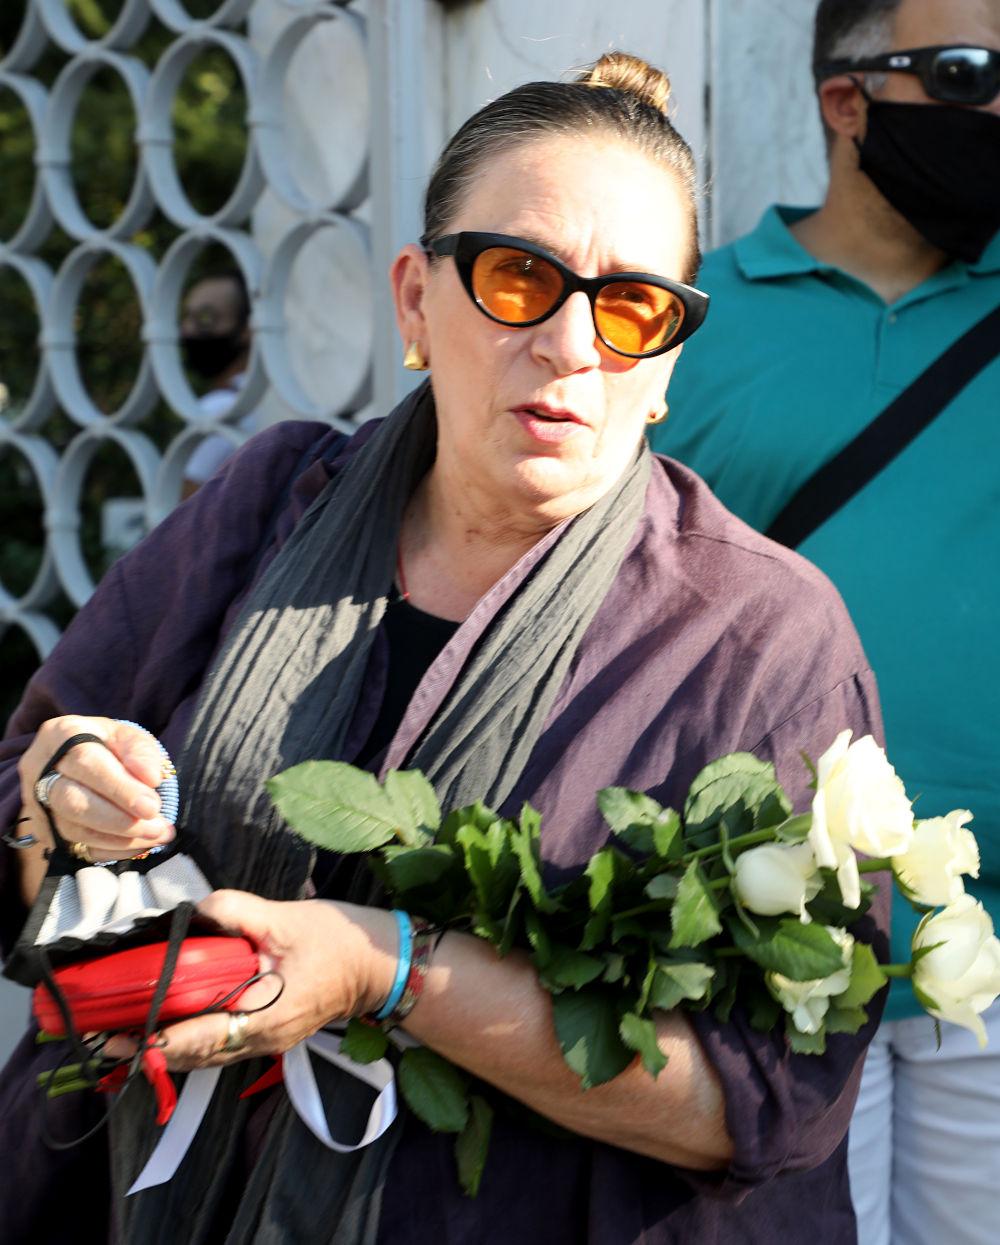 Με λευκά τριαντάφυλλα στην αγκαλιά παρέστη στην κηδεία του Γιάννη Πουλόπουλου, η στιχουργός Λίνα Νικολακοπούλου